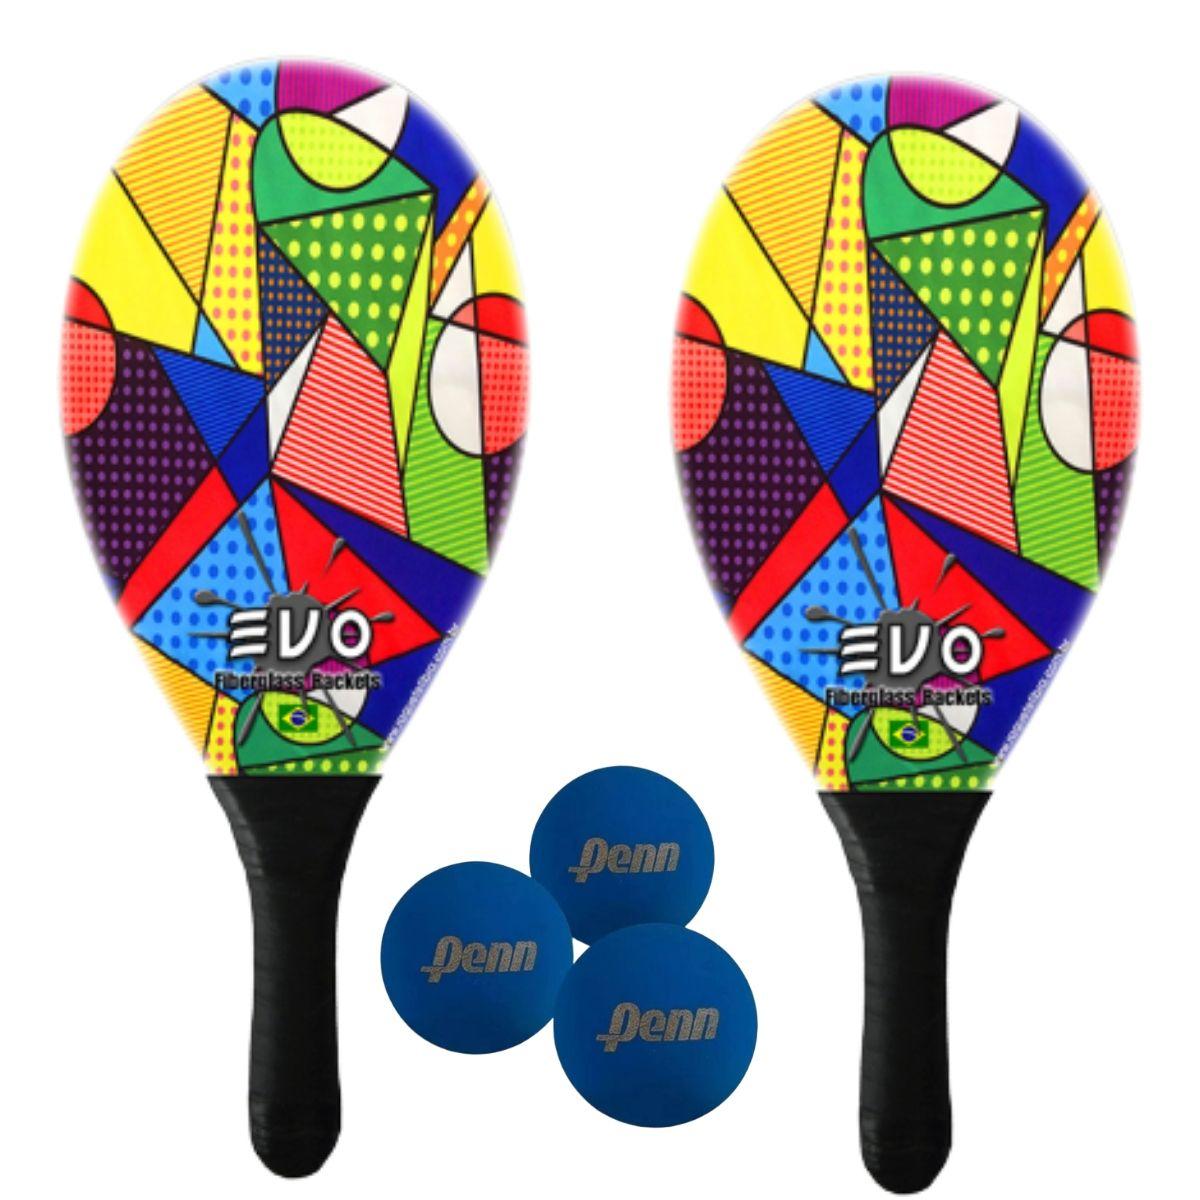 Kit Raquetes Frescobol Evo Fibra Vidro Picasso com 3 Bolas Penn